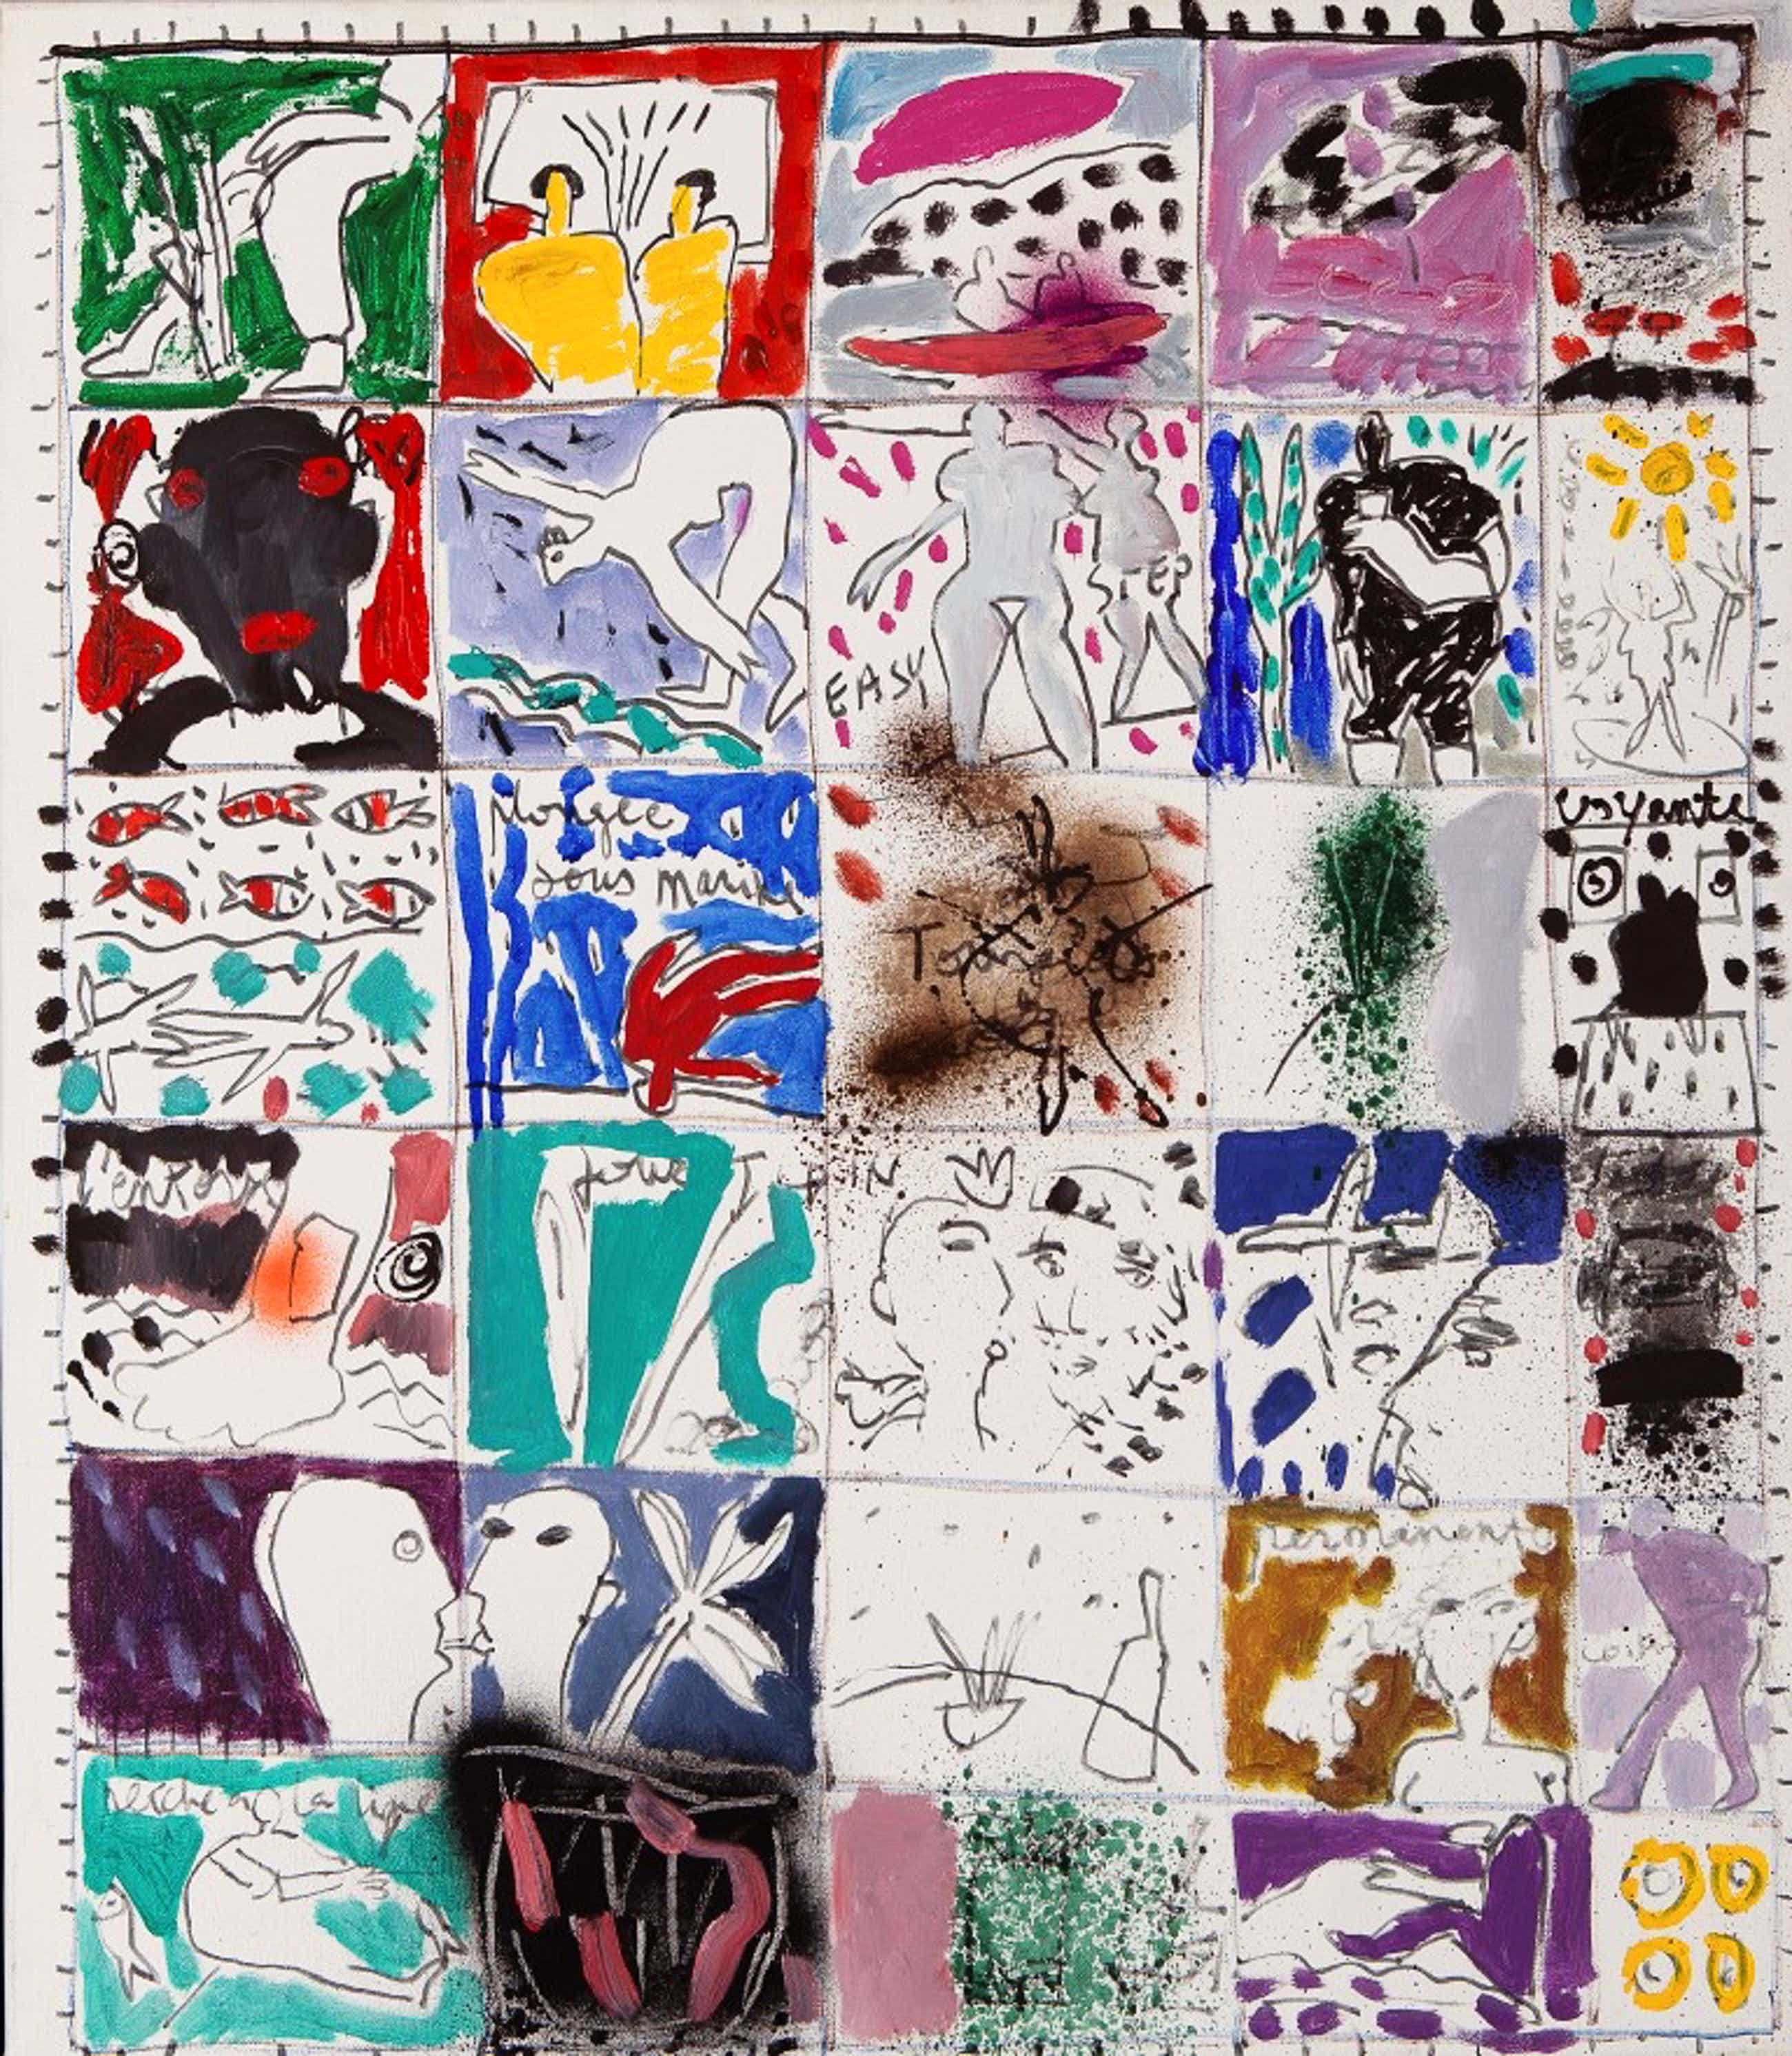 Dominique Chan - Zonder titel - 1994 - acrylverf op doek kopen? Bied vanaf 80!